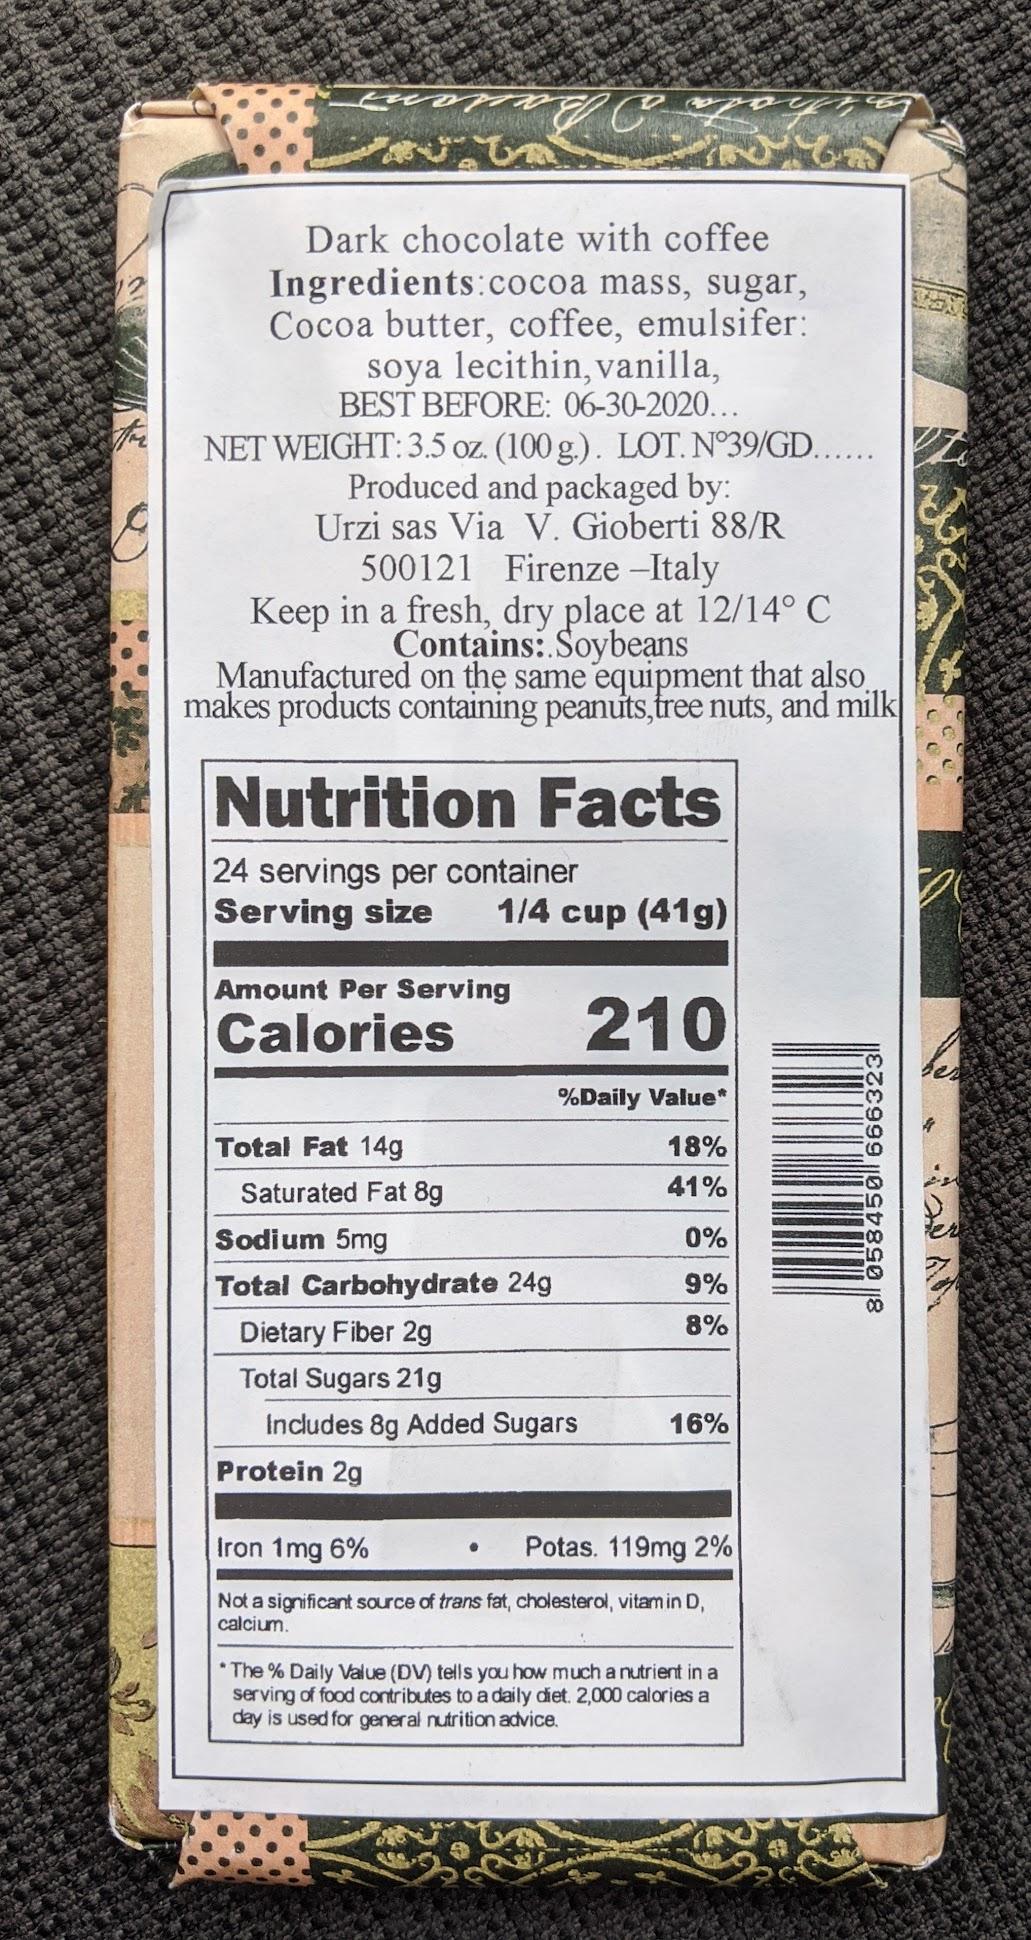 67% uriz huehue coffee bar